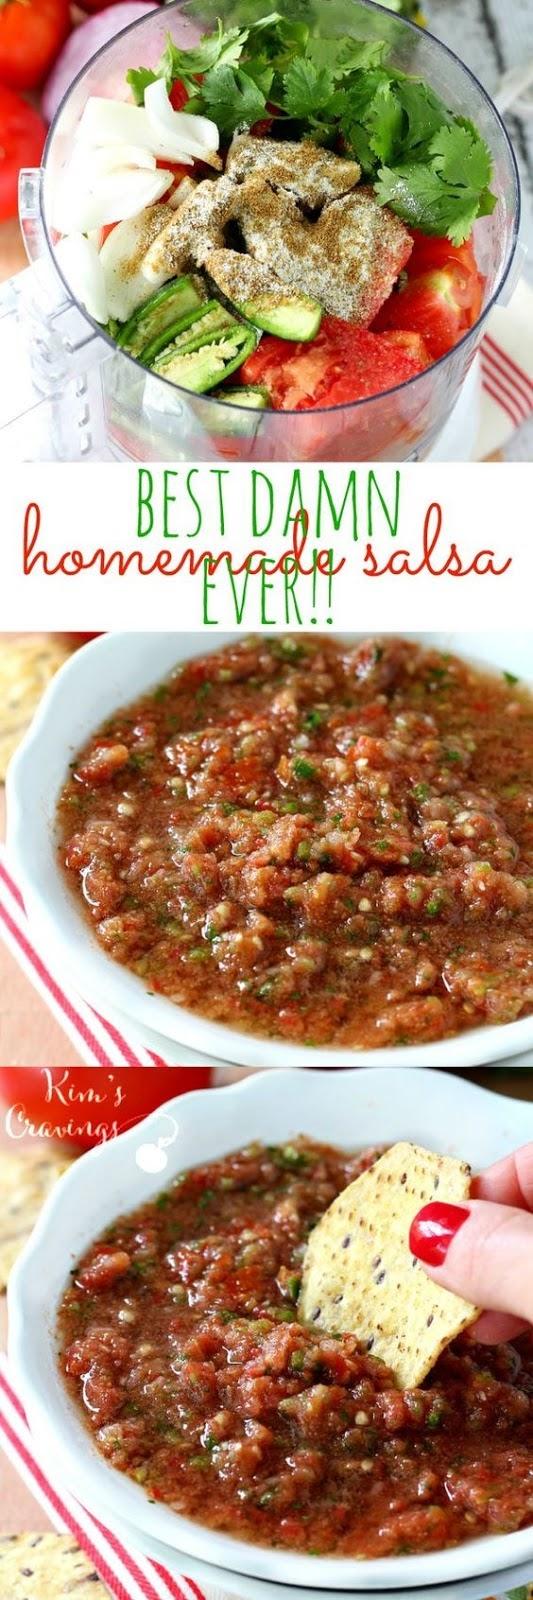 Best Damn Salsa Ever